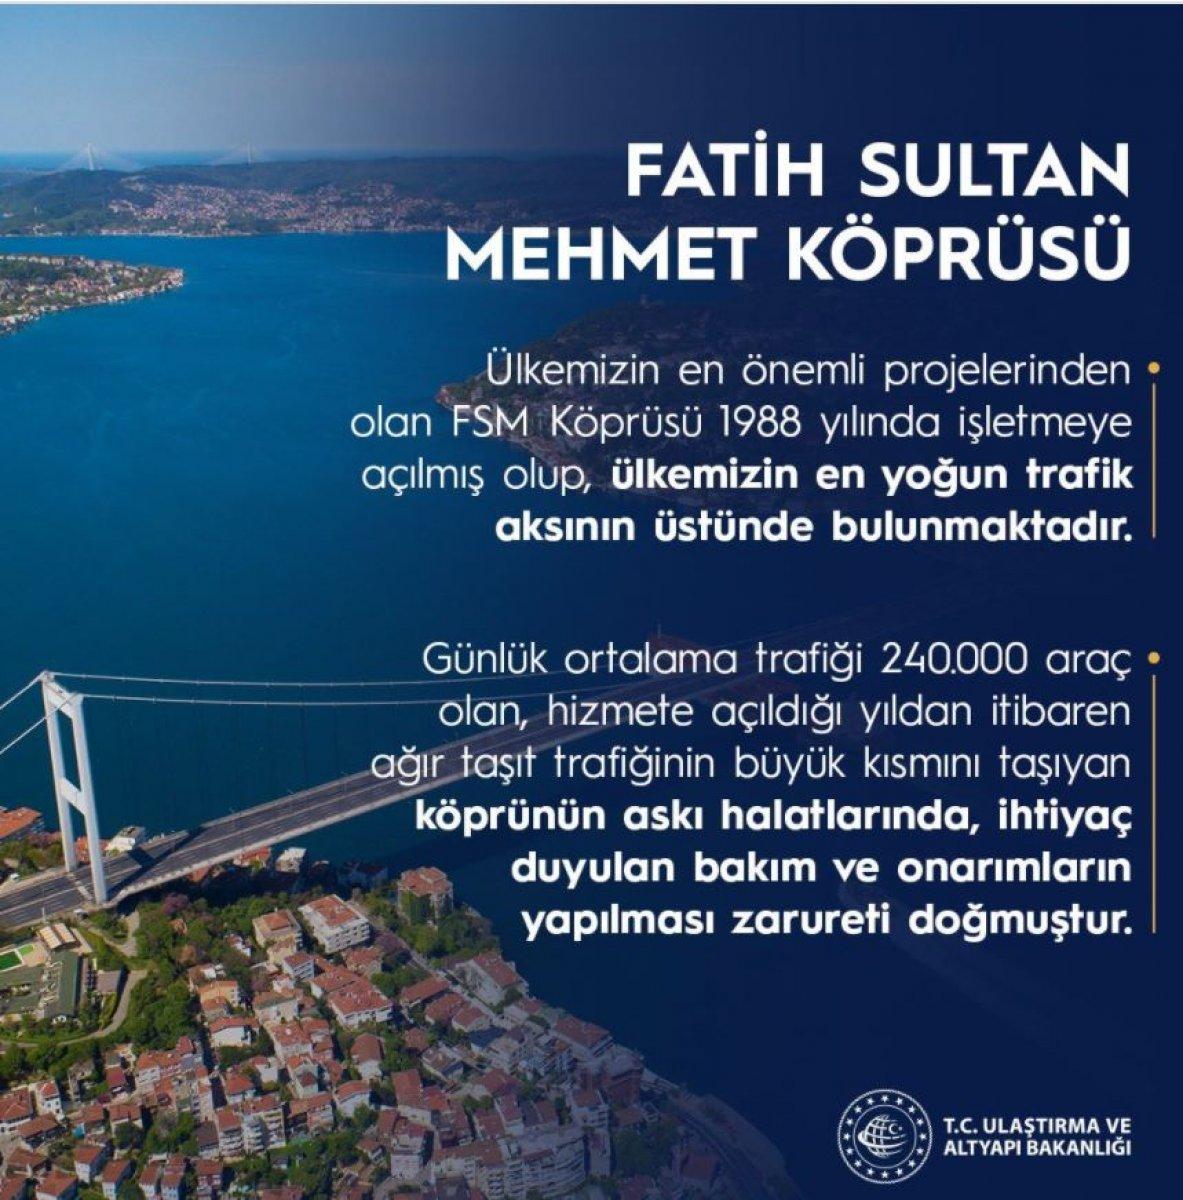 Ulaştırma ve Altyapı Bakanlığı ndan FSM Köprüsü açıklaması #2